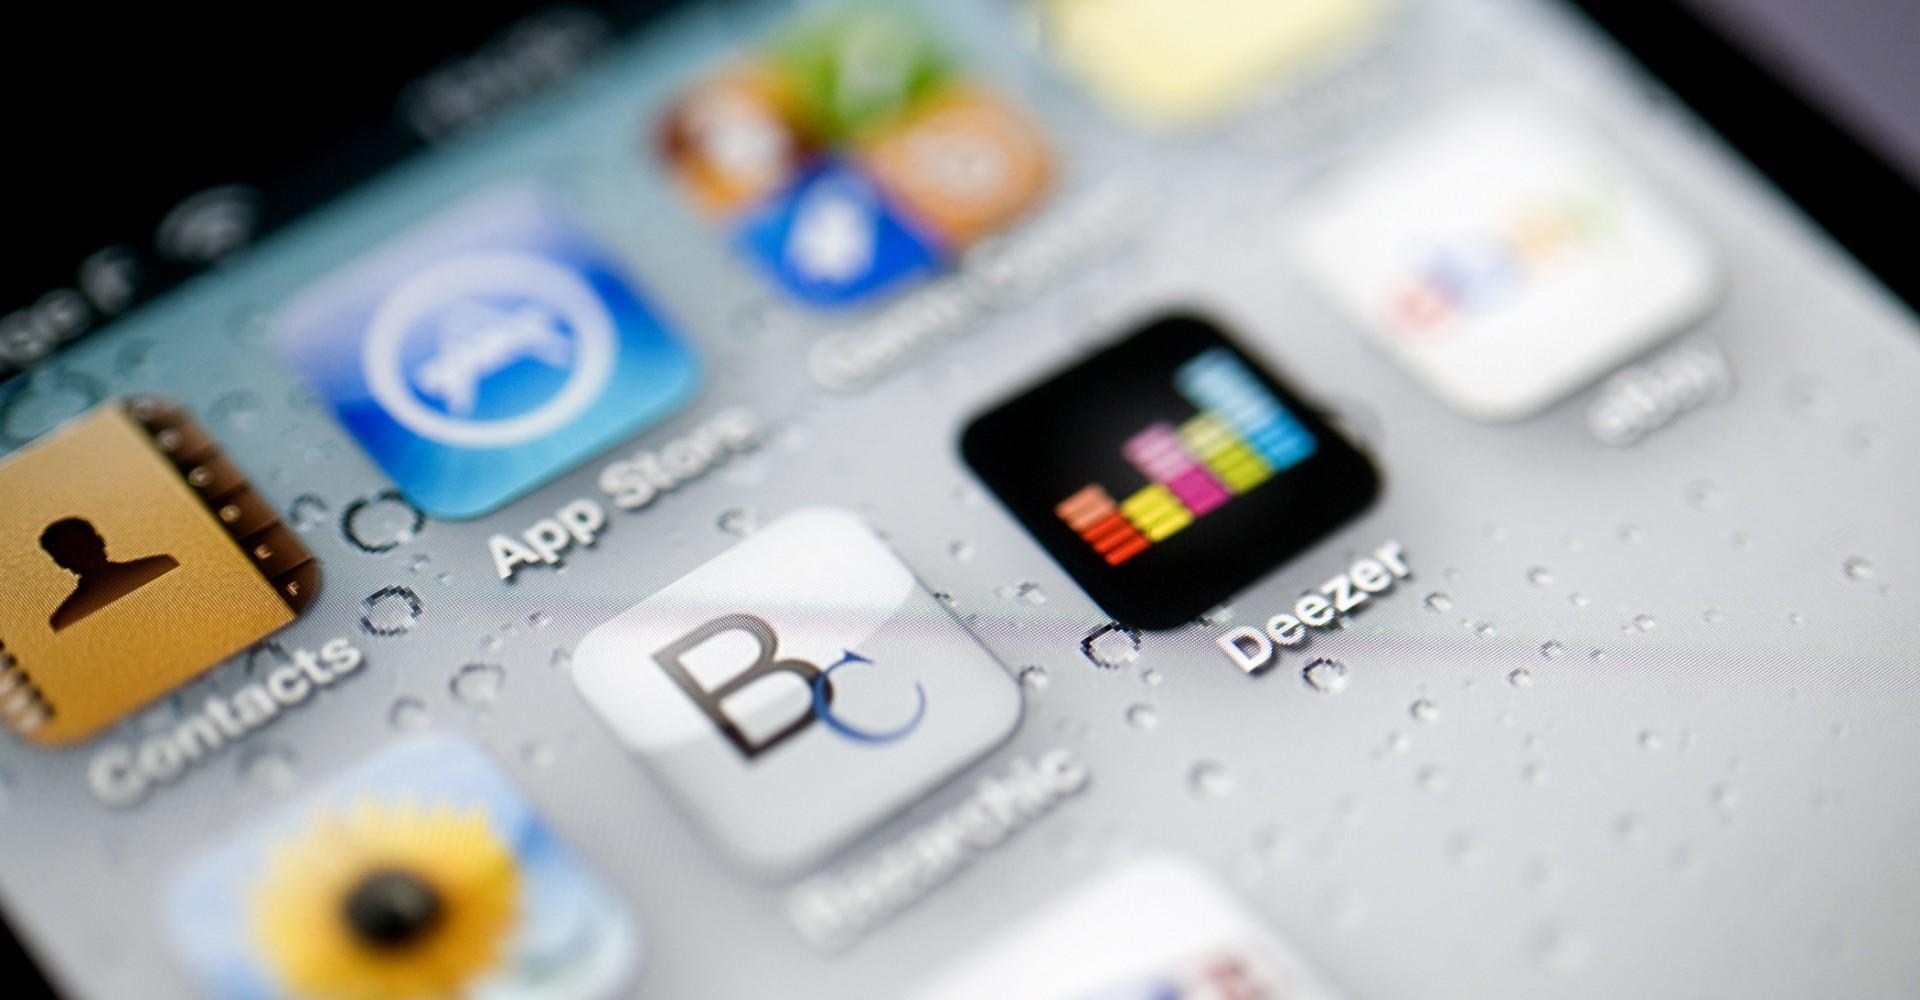 My Vodafone: App per contatori e credito residuo - Vodafone